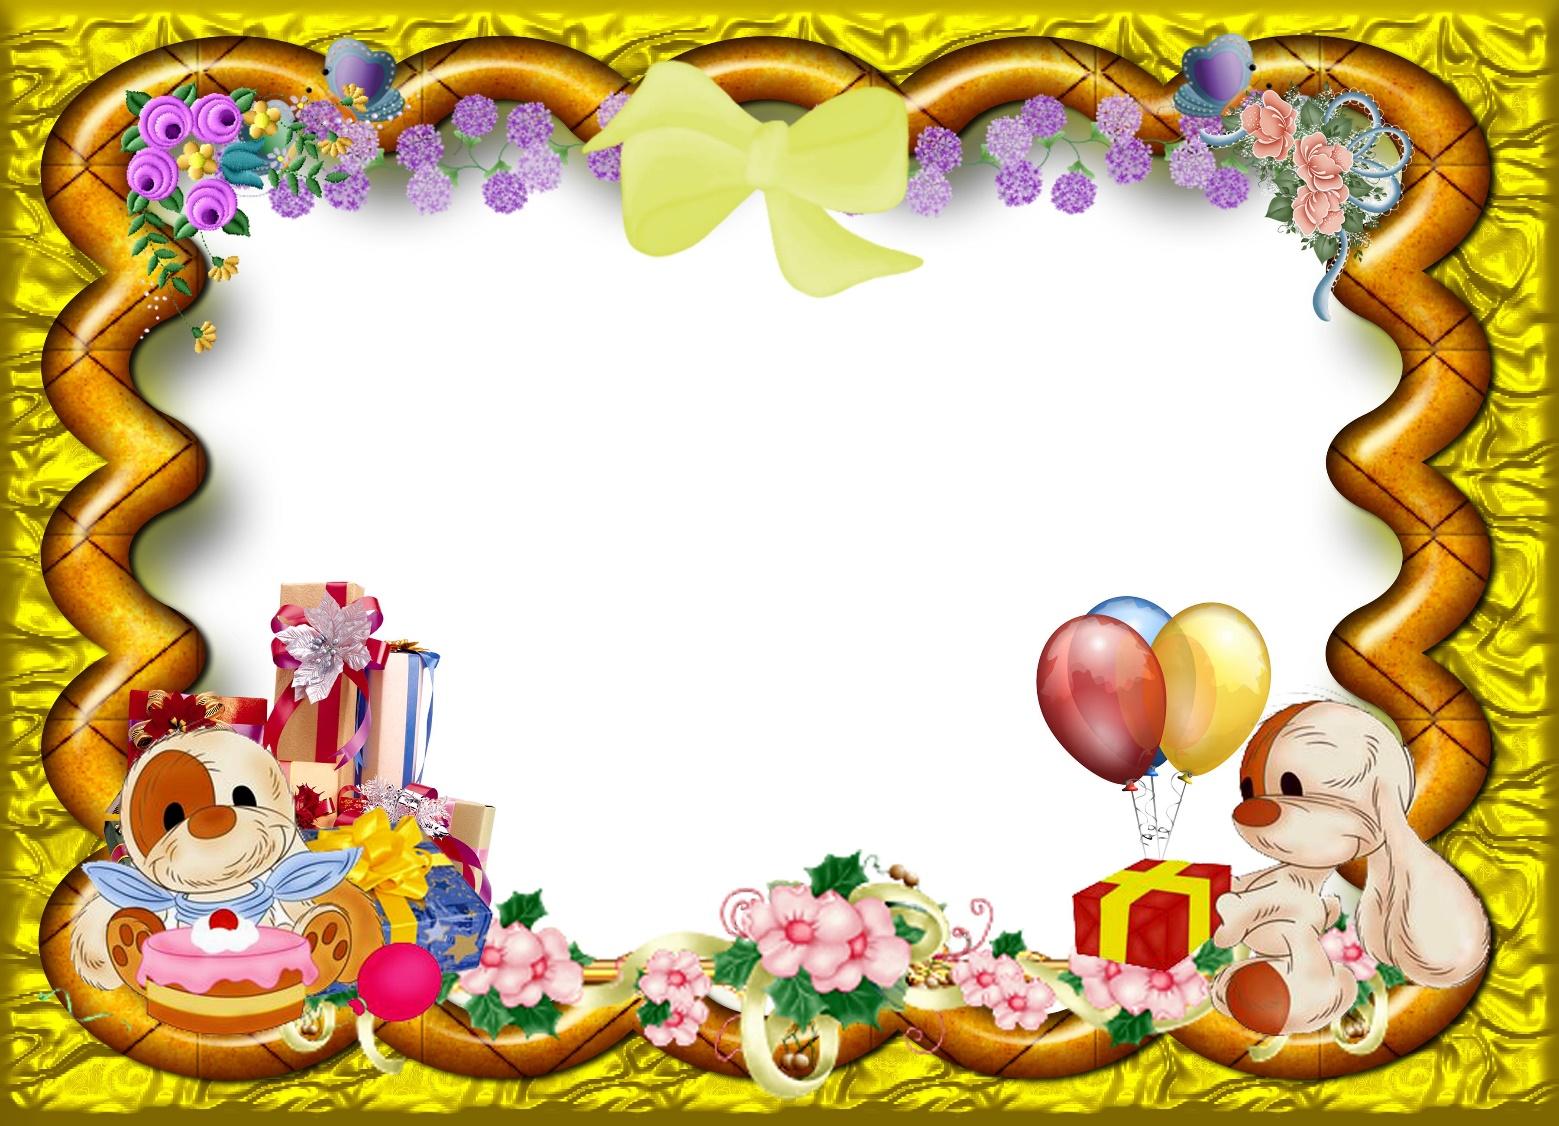 фоторамки вставити фото день народження дитяче всех